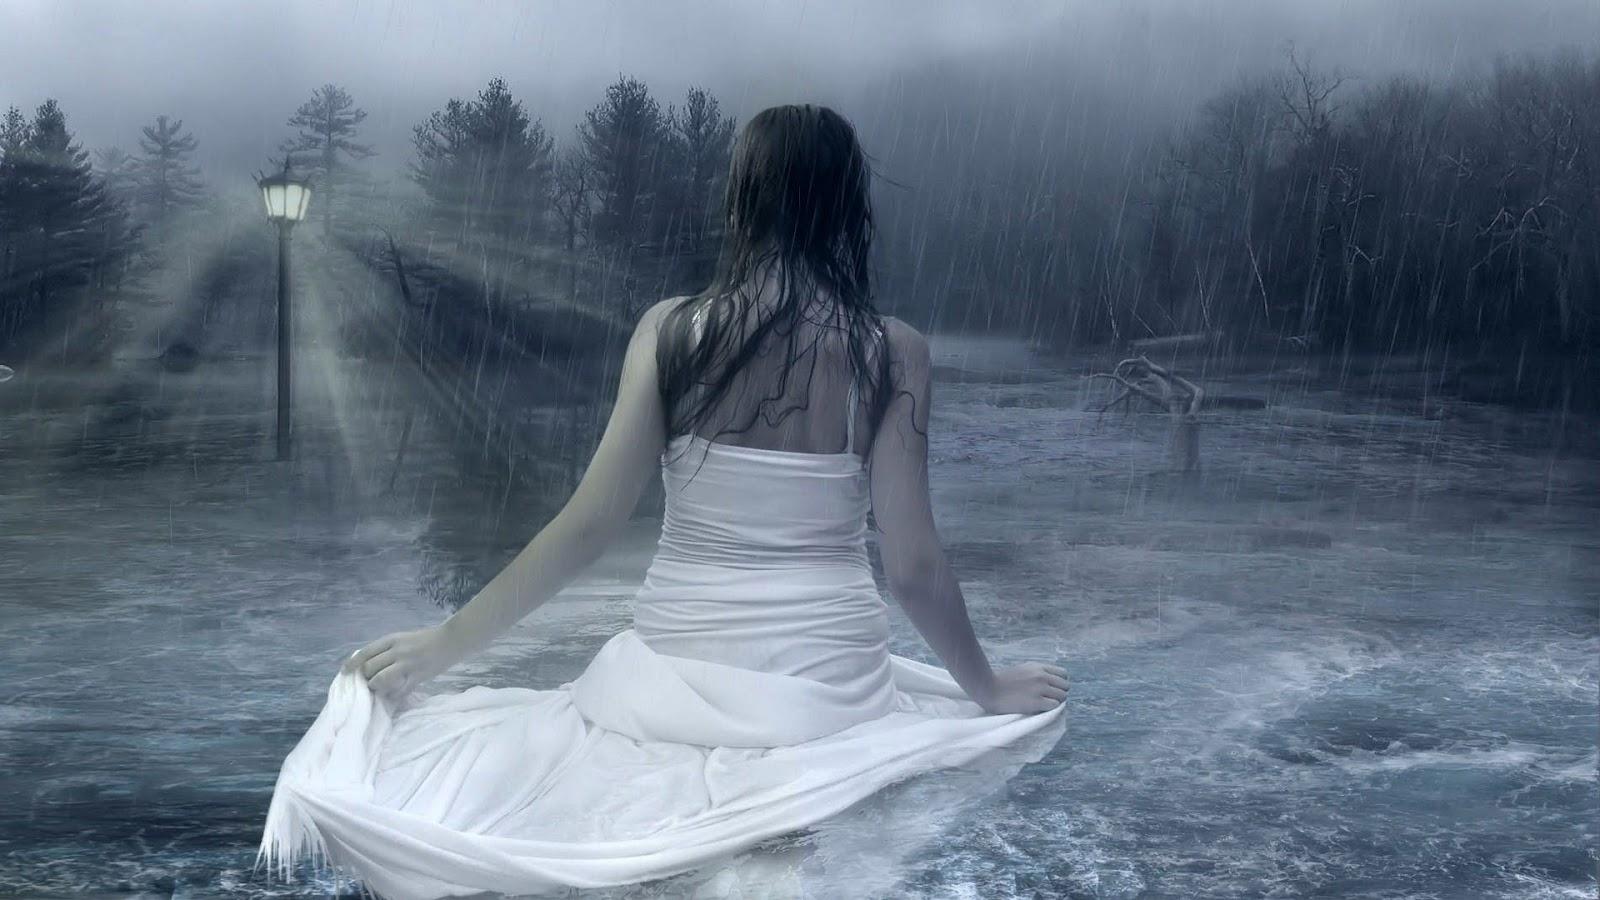 Leyendas con enseñanzas Mujer-bajo-la-lluvia